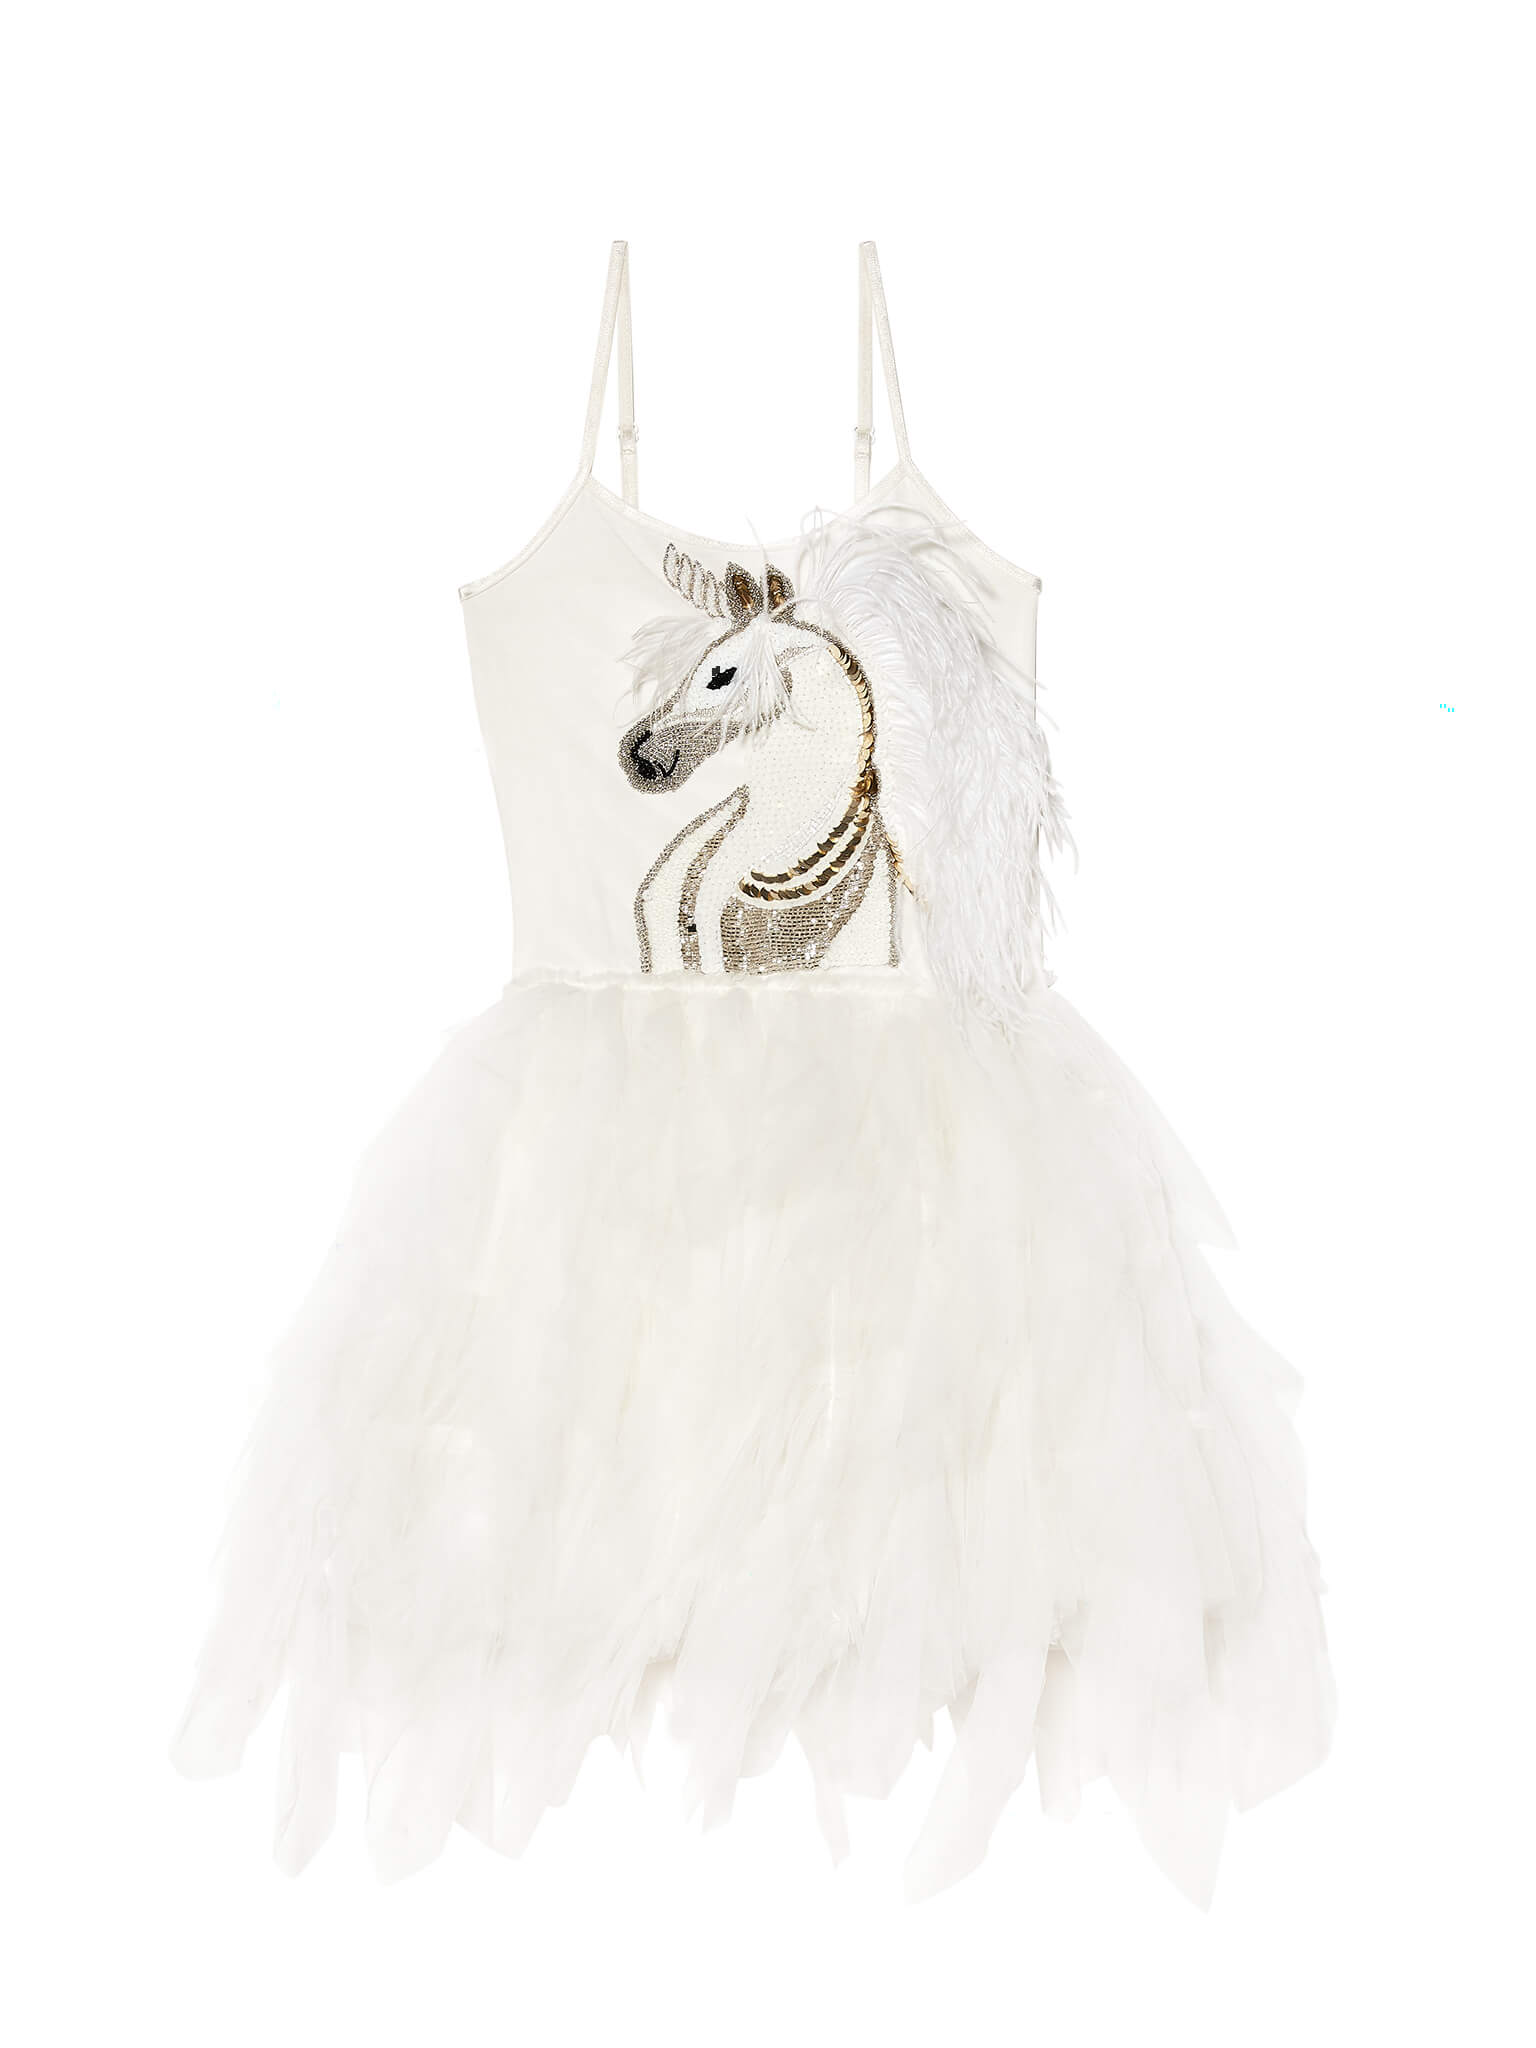 Tdm4892 white unicorn tutu dress 01